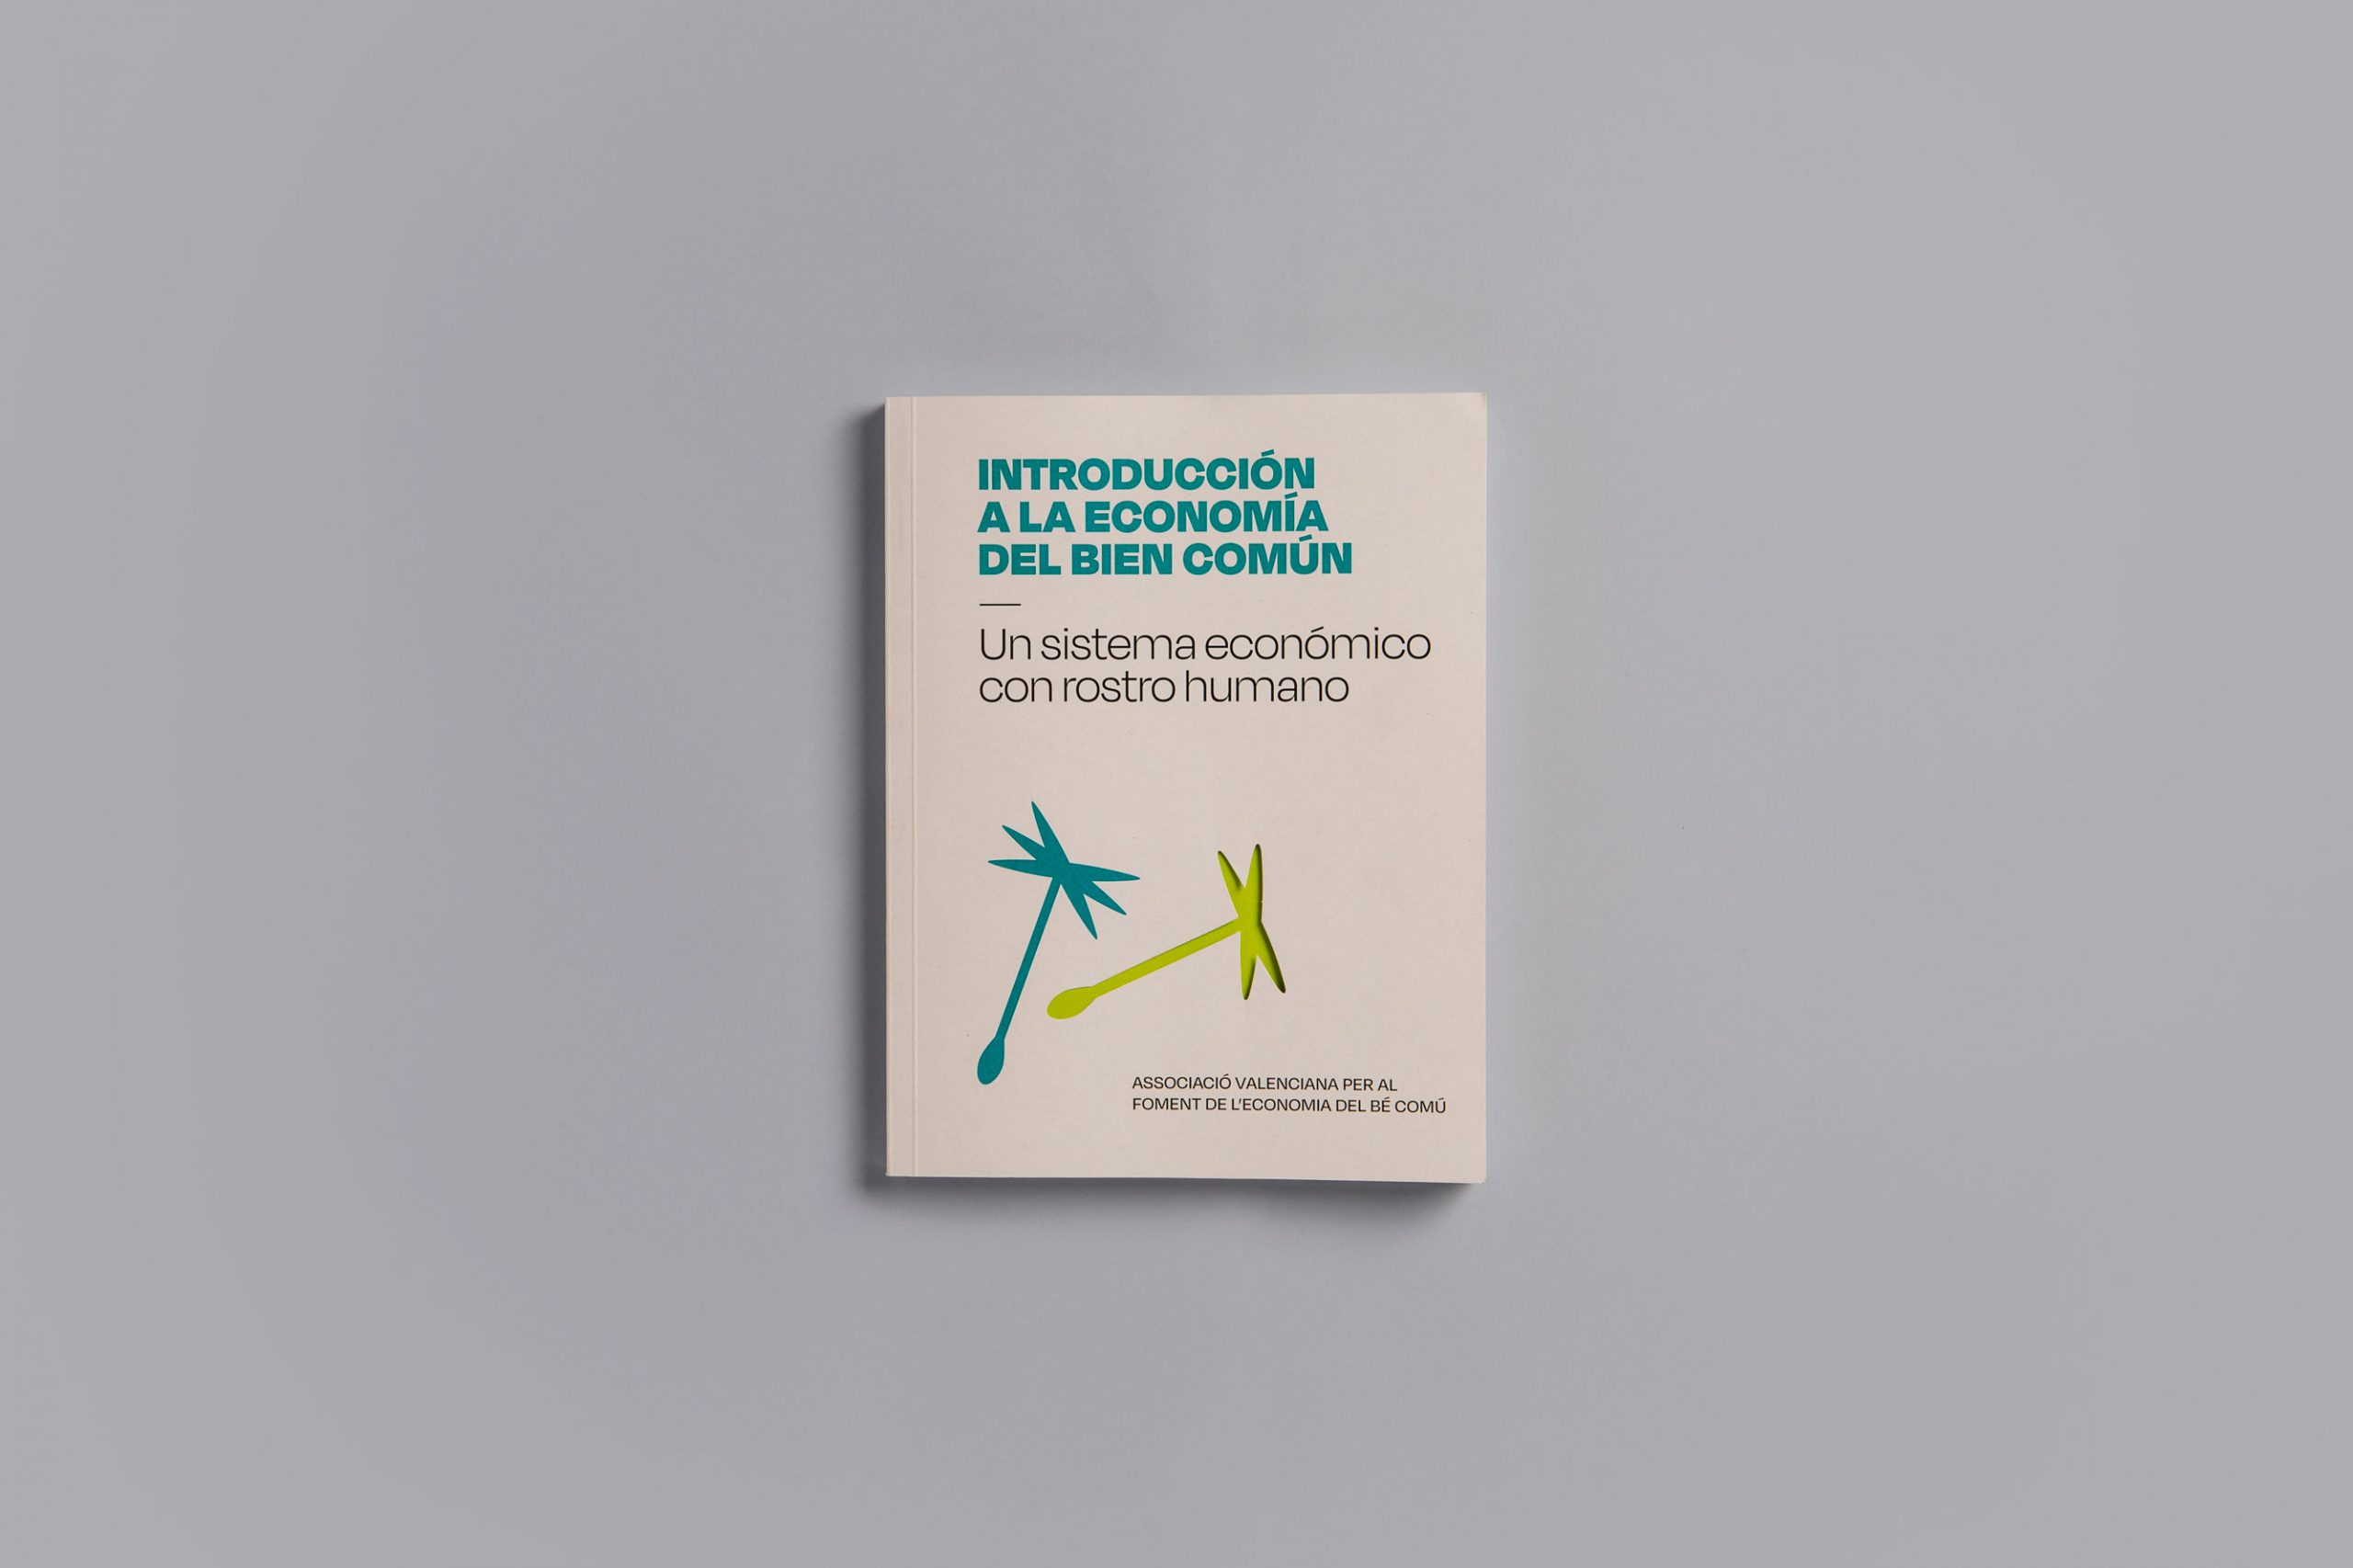 Introducción a la Economía del Bien Común